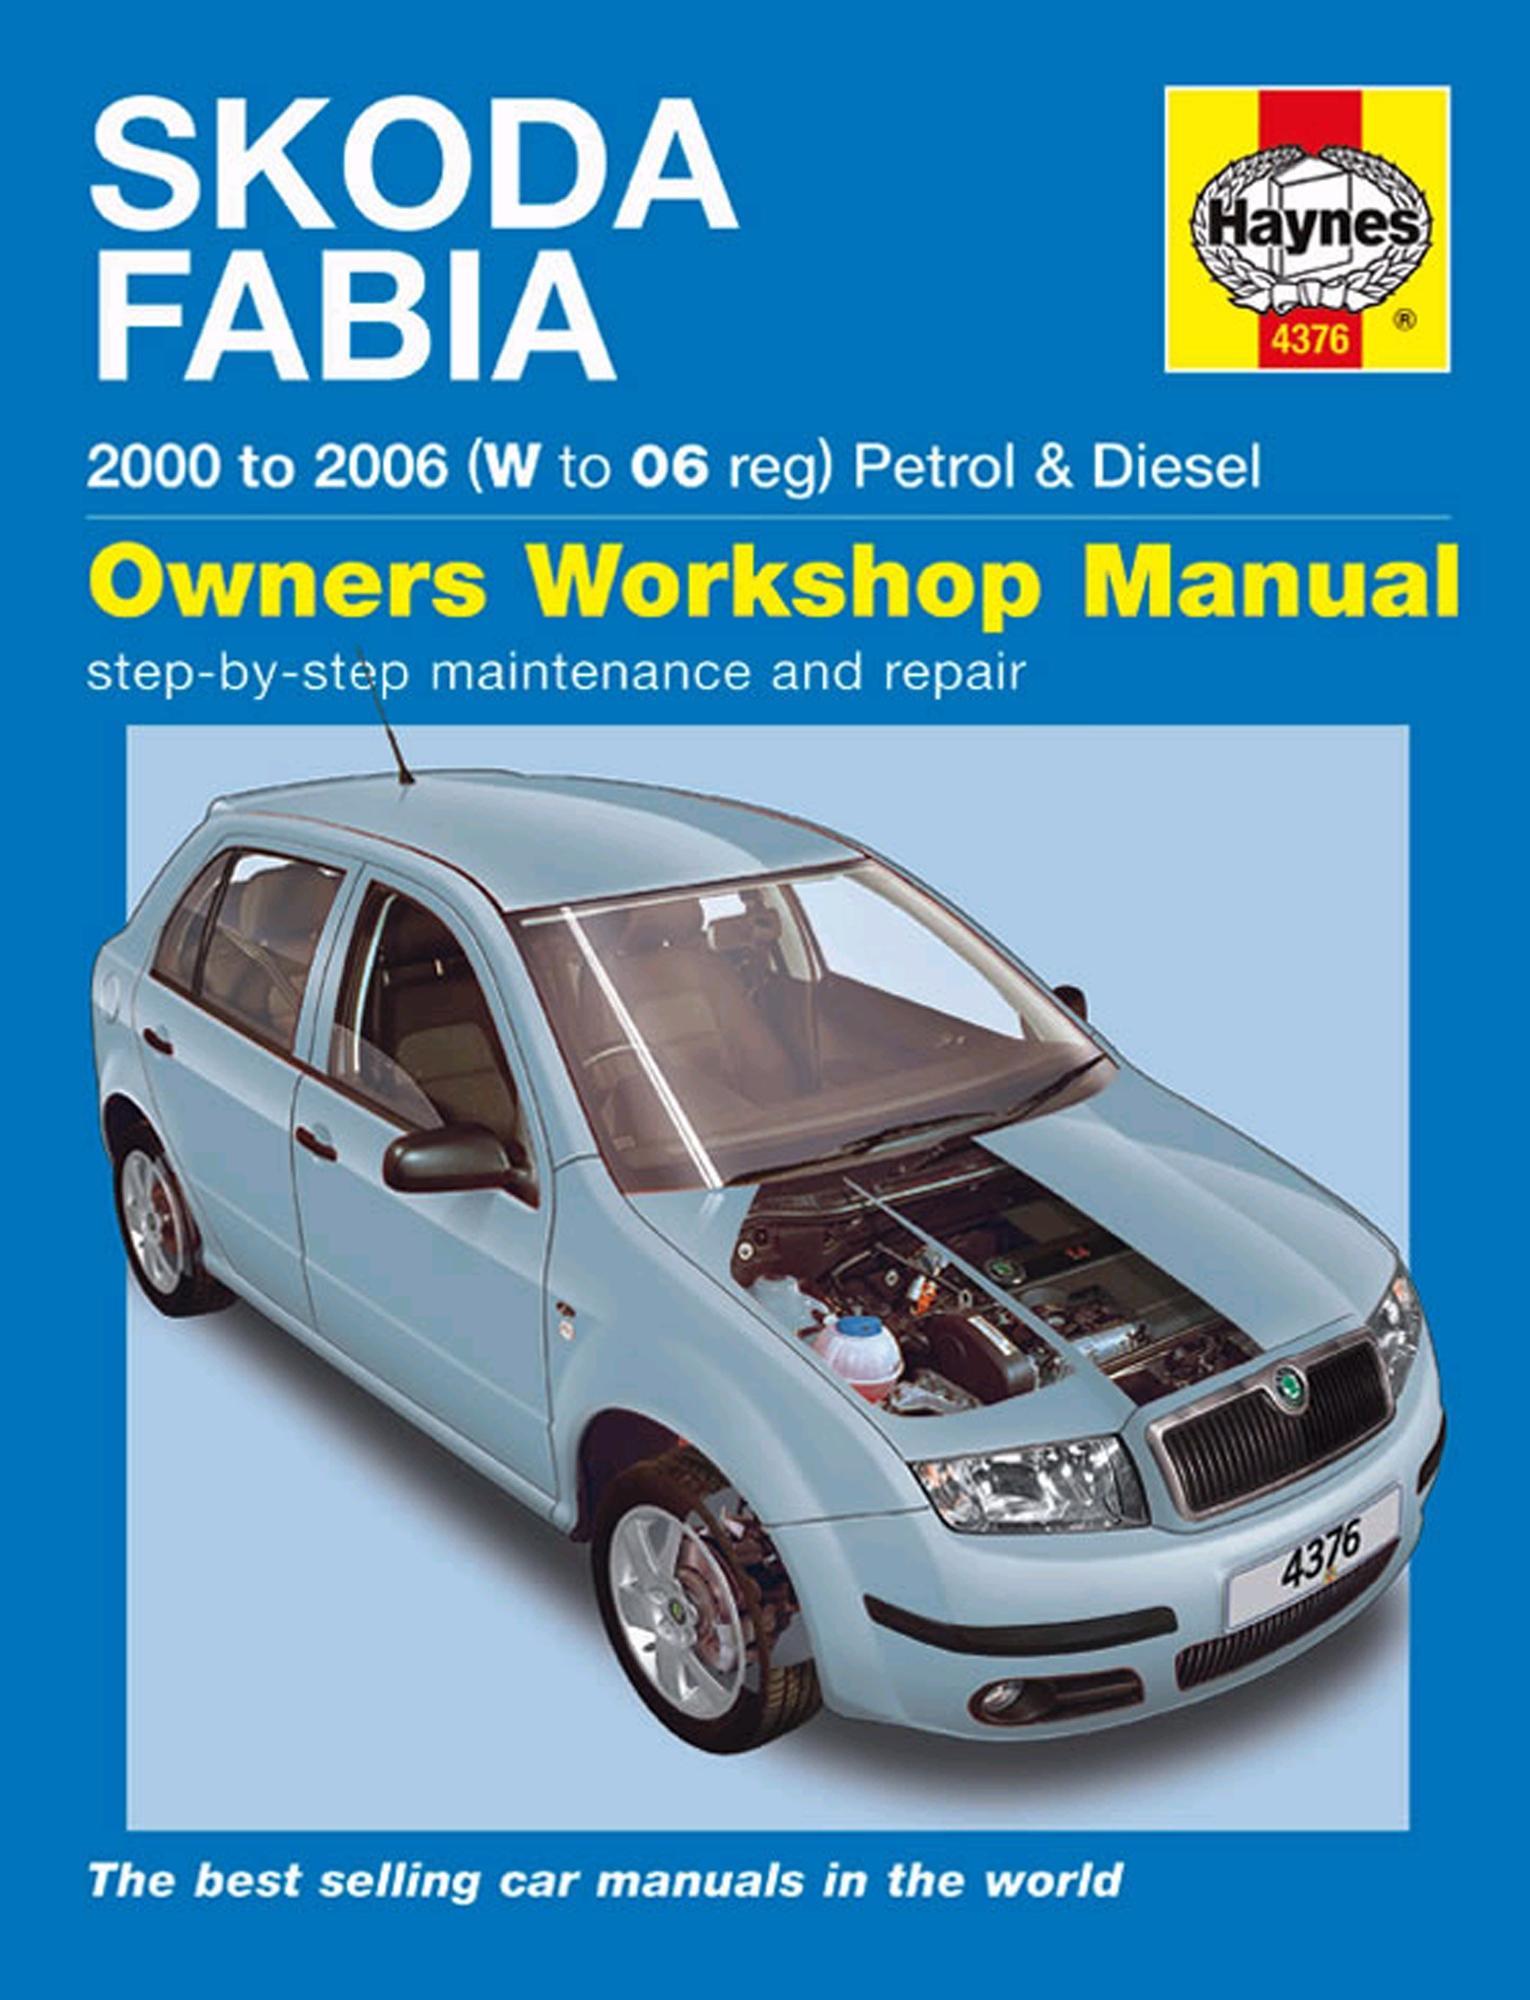 Haynes Owners Workshop Manual Skoda Fabia 2000-2006 Petrol Diesel  Maintenance